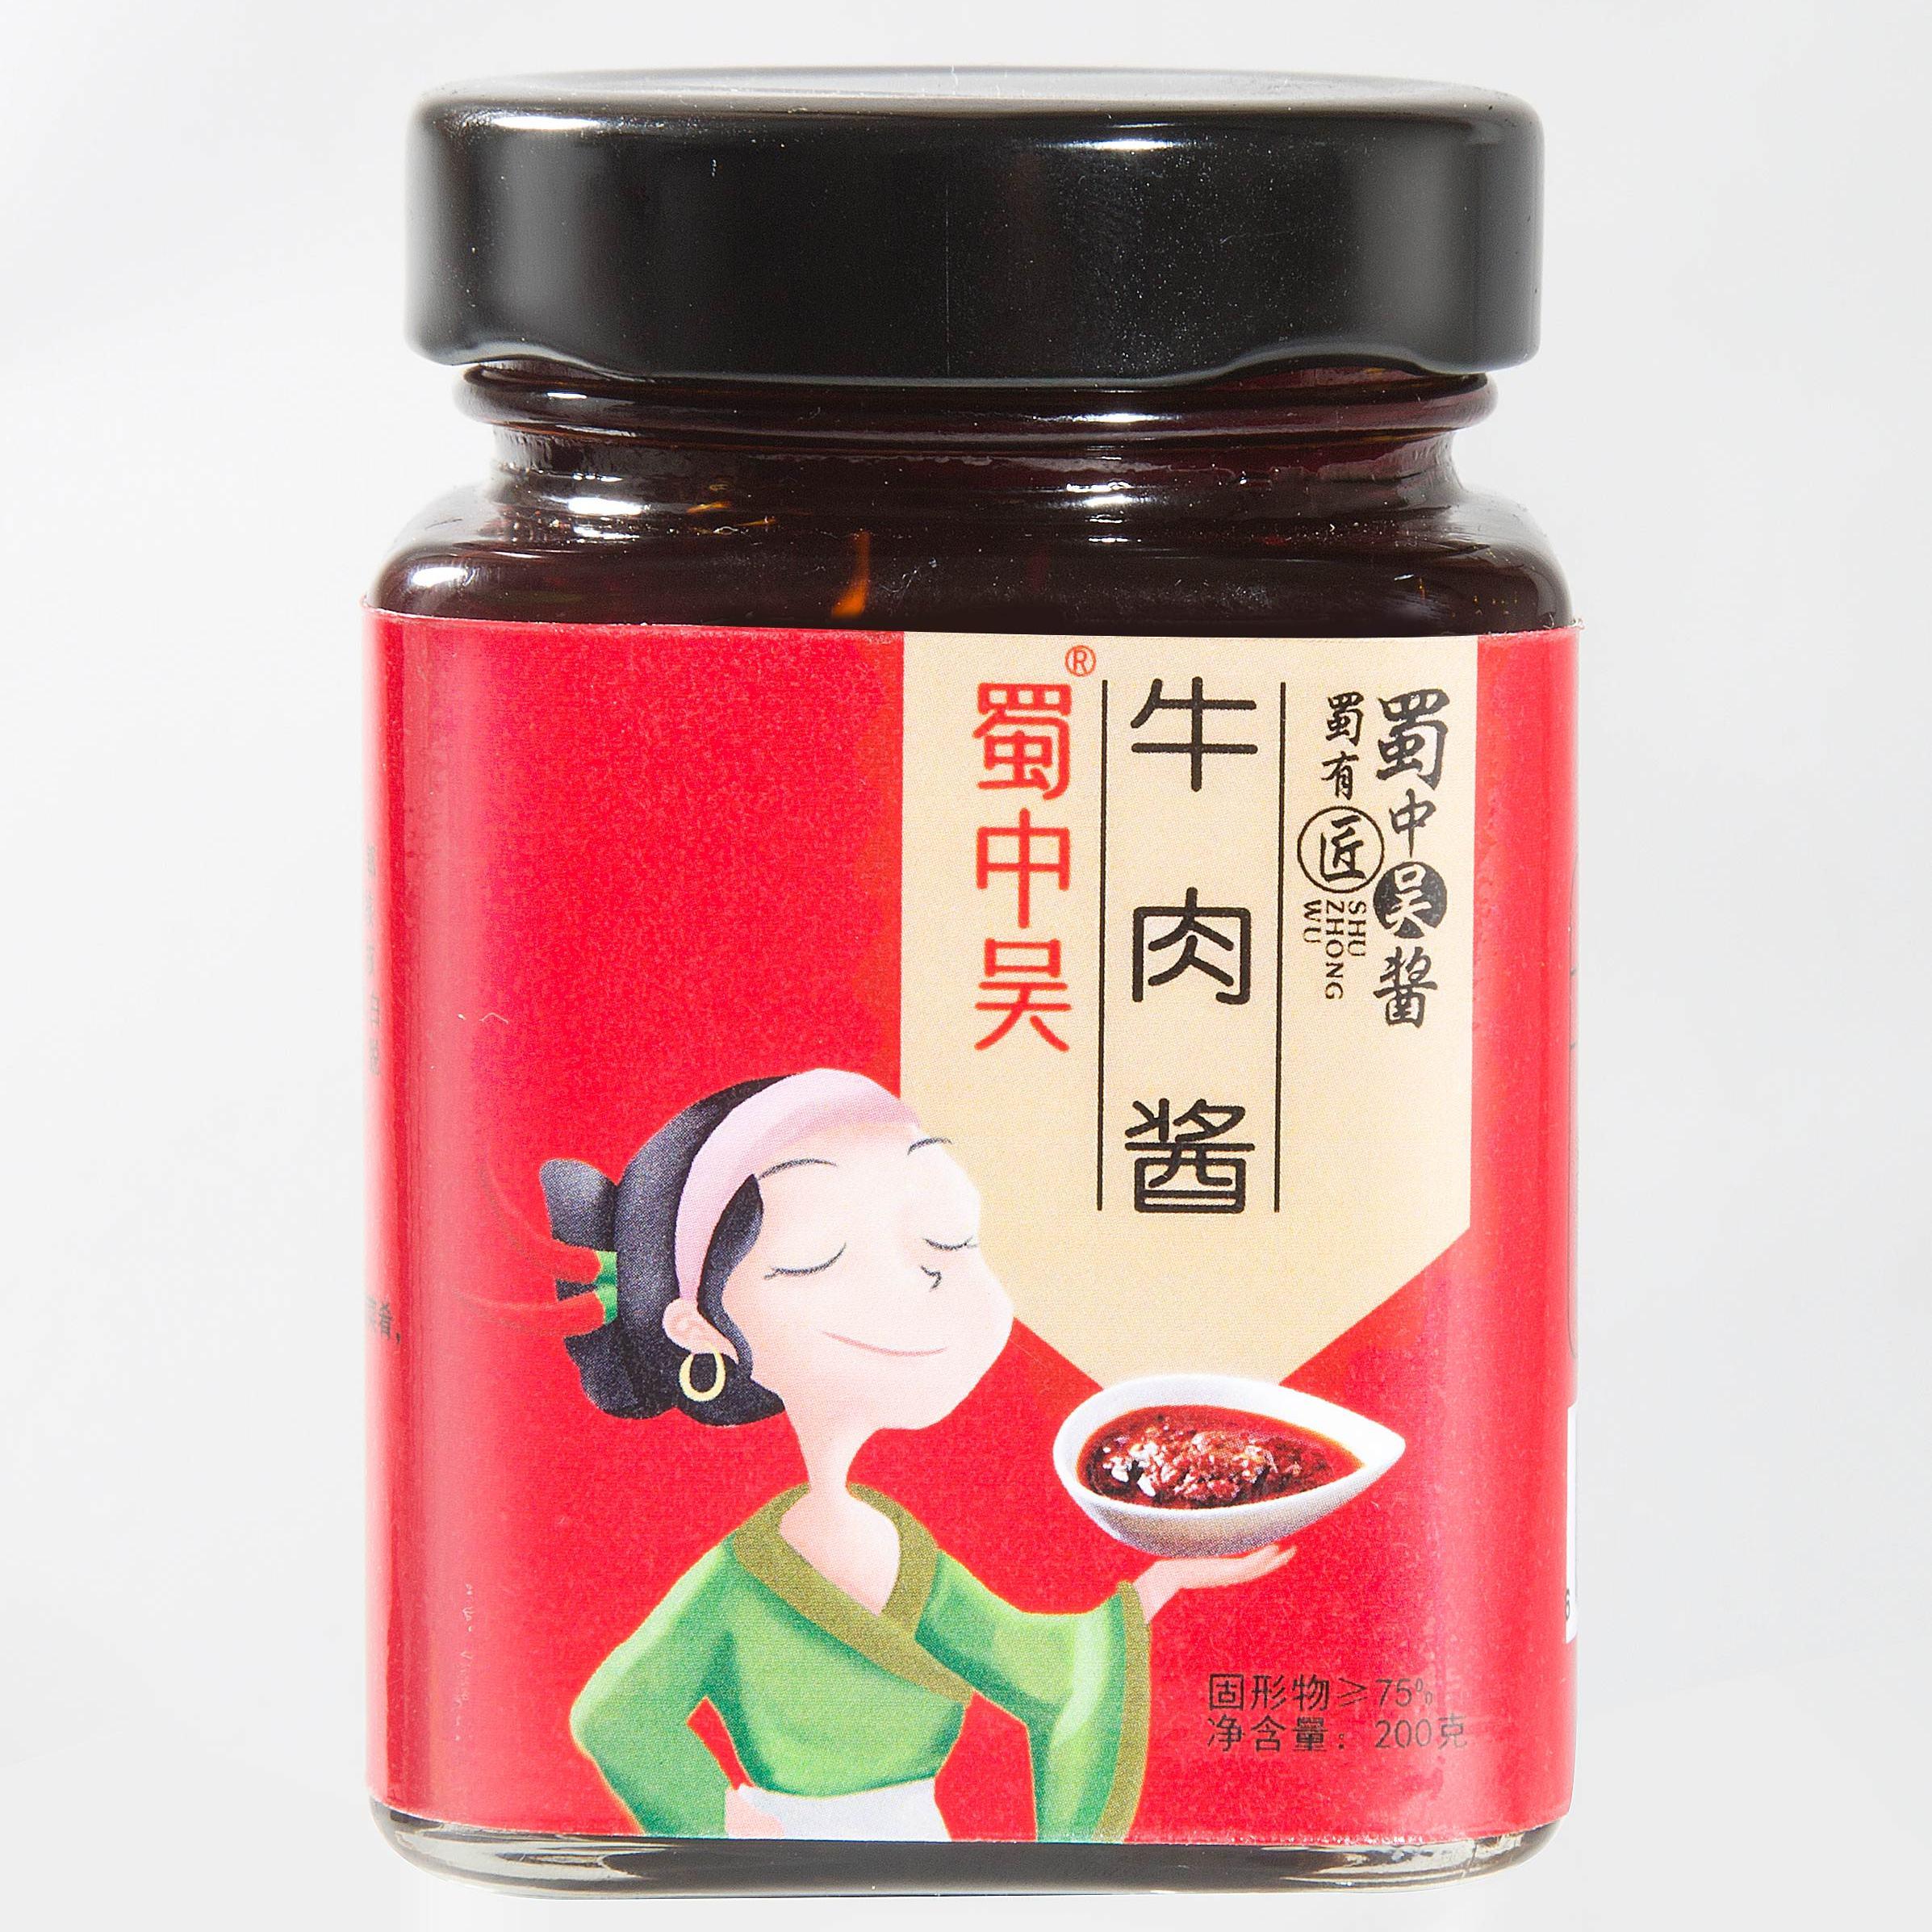 蜀中吴牛肉酱川味拌饭酱香辣调味酱拌饭拌面条200g